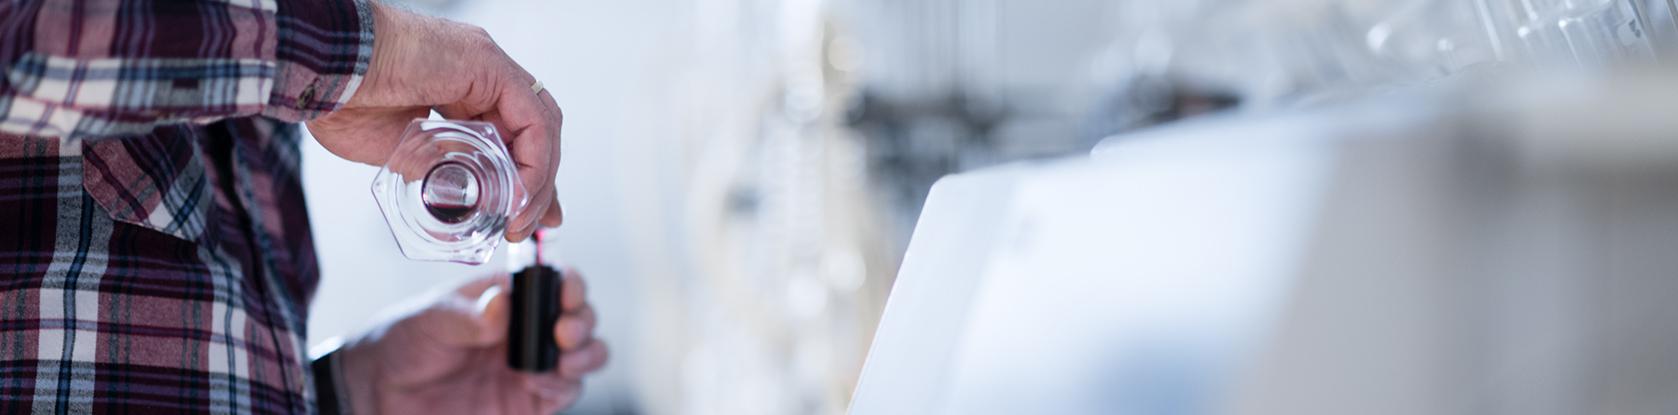 Weinlabor Klingler - Ihr Experte für Weinanalysen und -Beratung